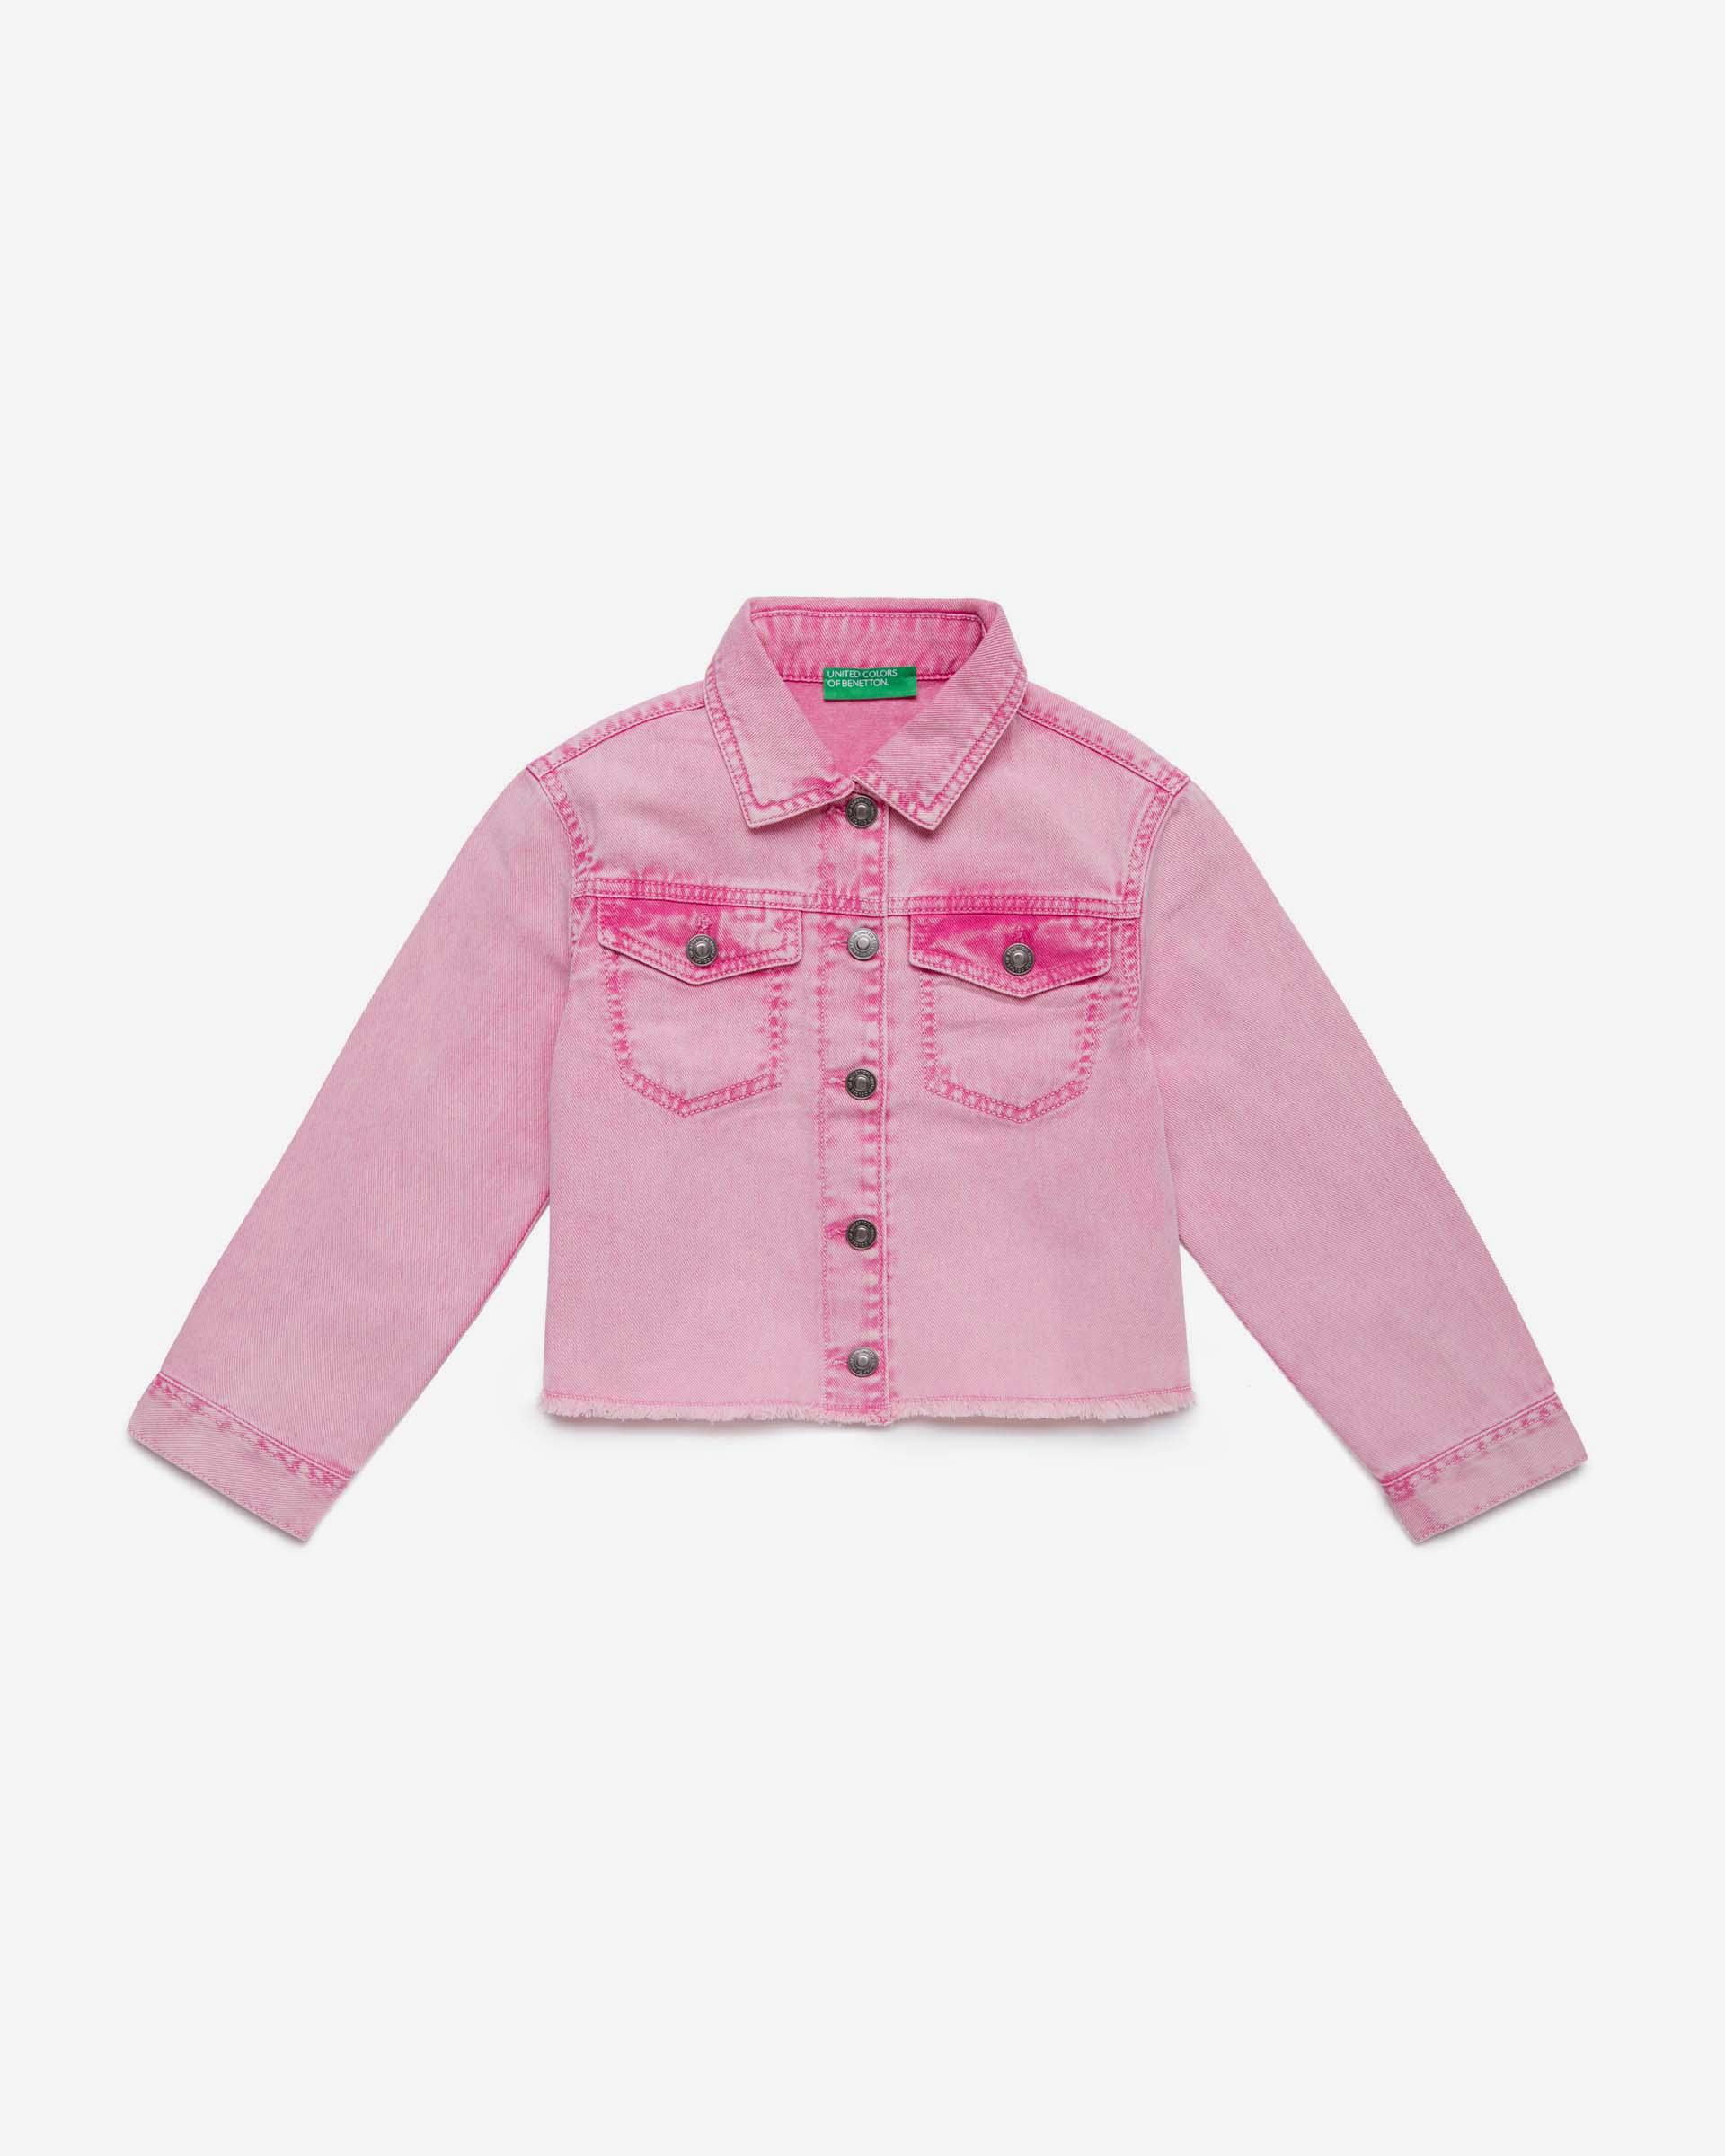 Купить 20P_2PL353HW0_901, Джинсовая куртка для девочек Benetton 2PL353HW0_901 р-р 152, United Colors of Benetton, Куртки для девочек